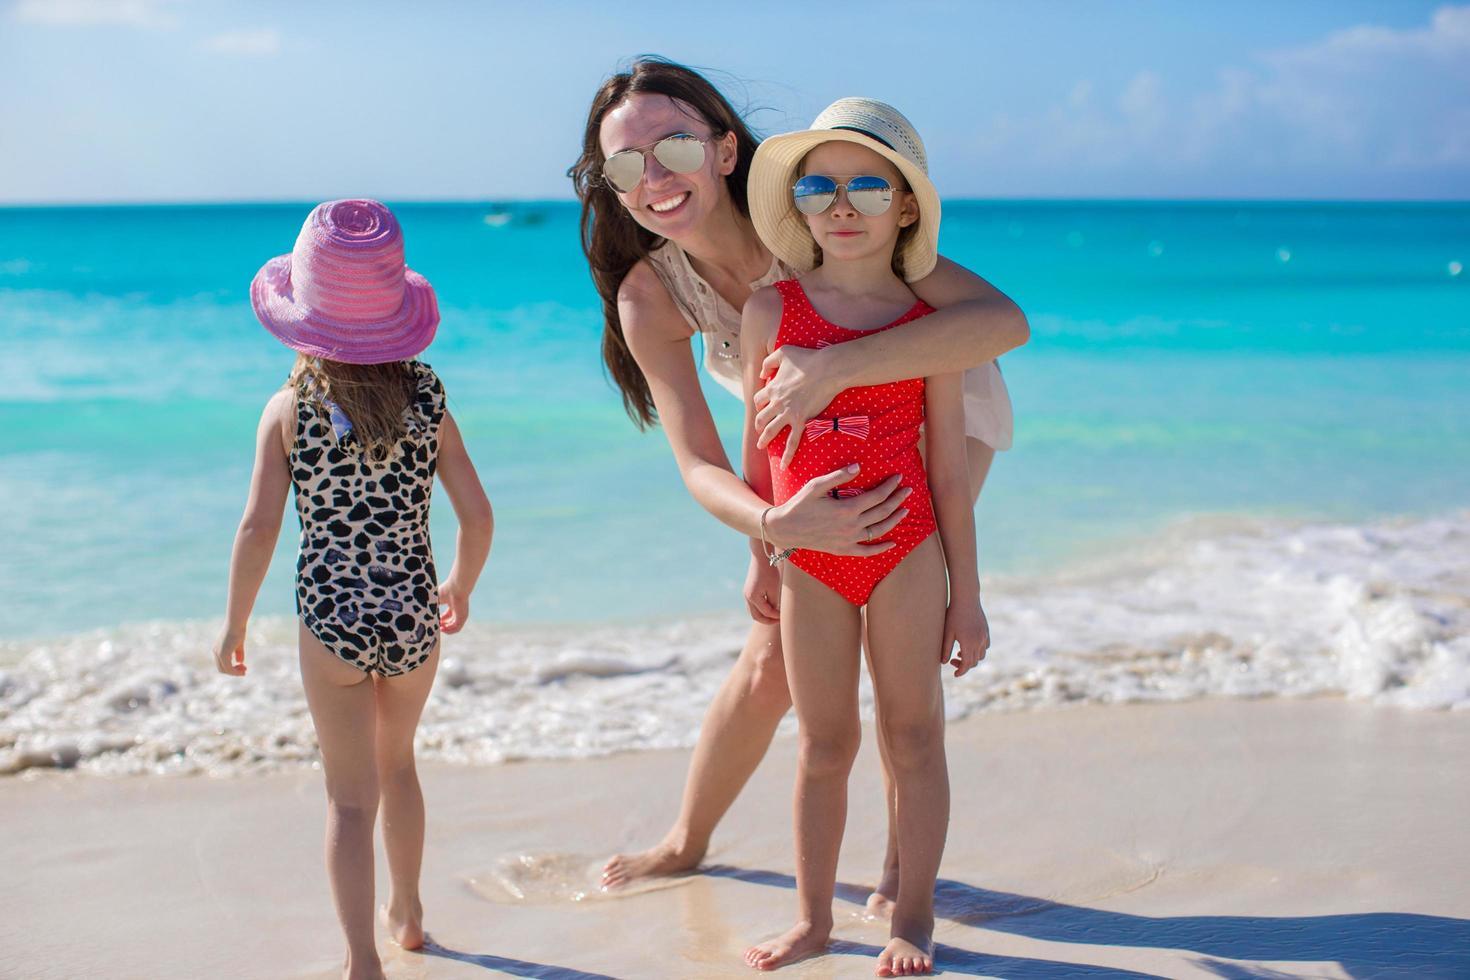 madre e due bambini su una spiaggia foto